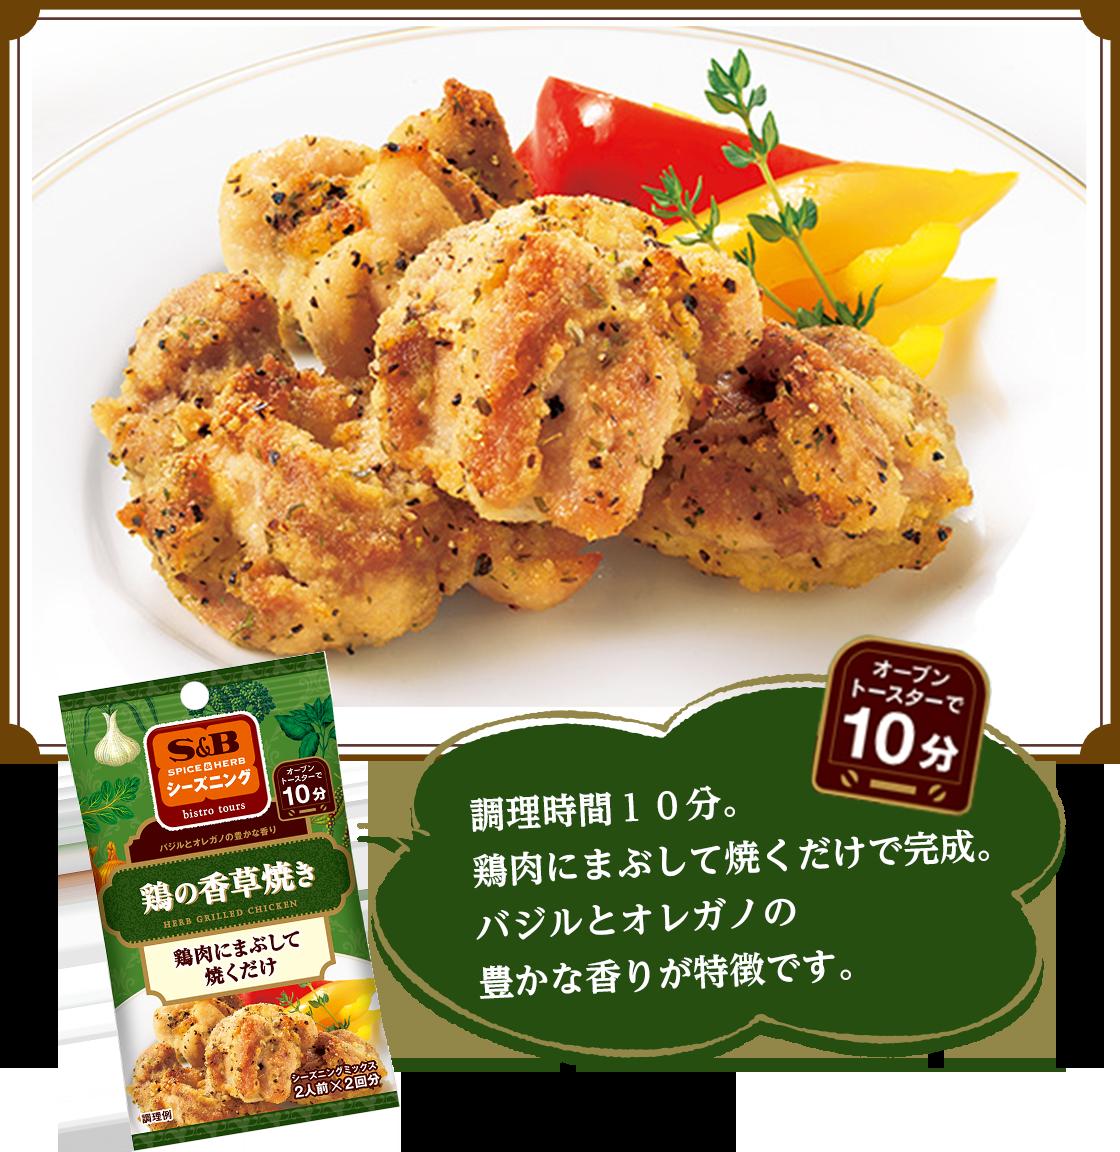 鶏の香草焼きイメージ画像